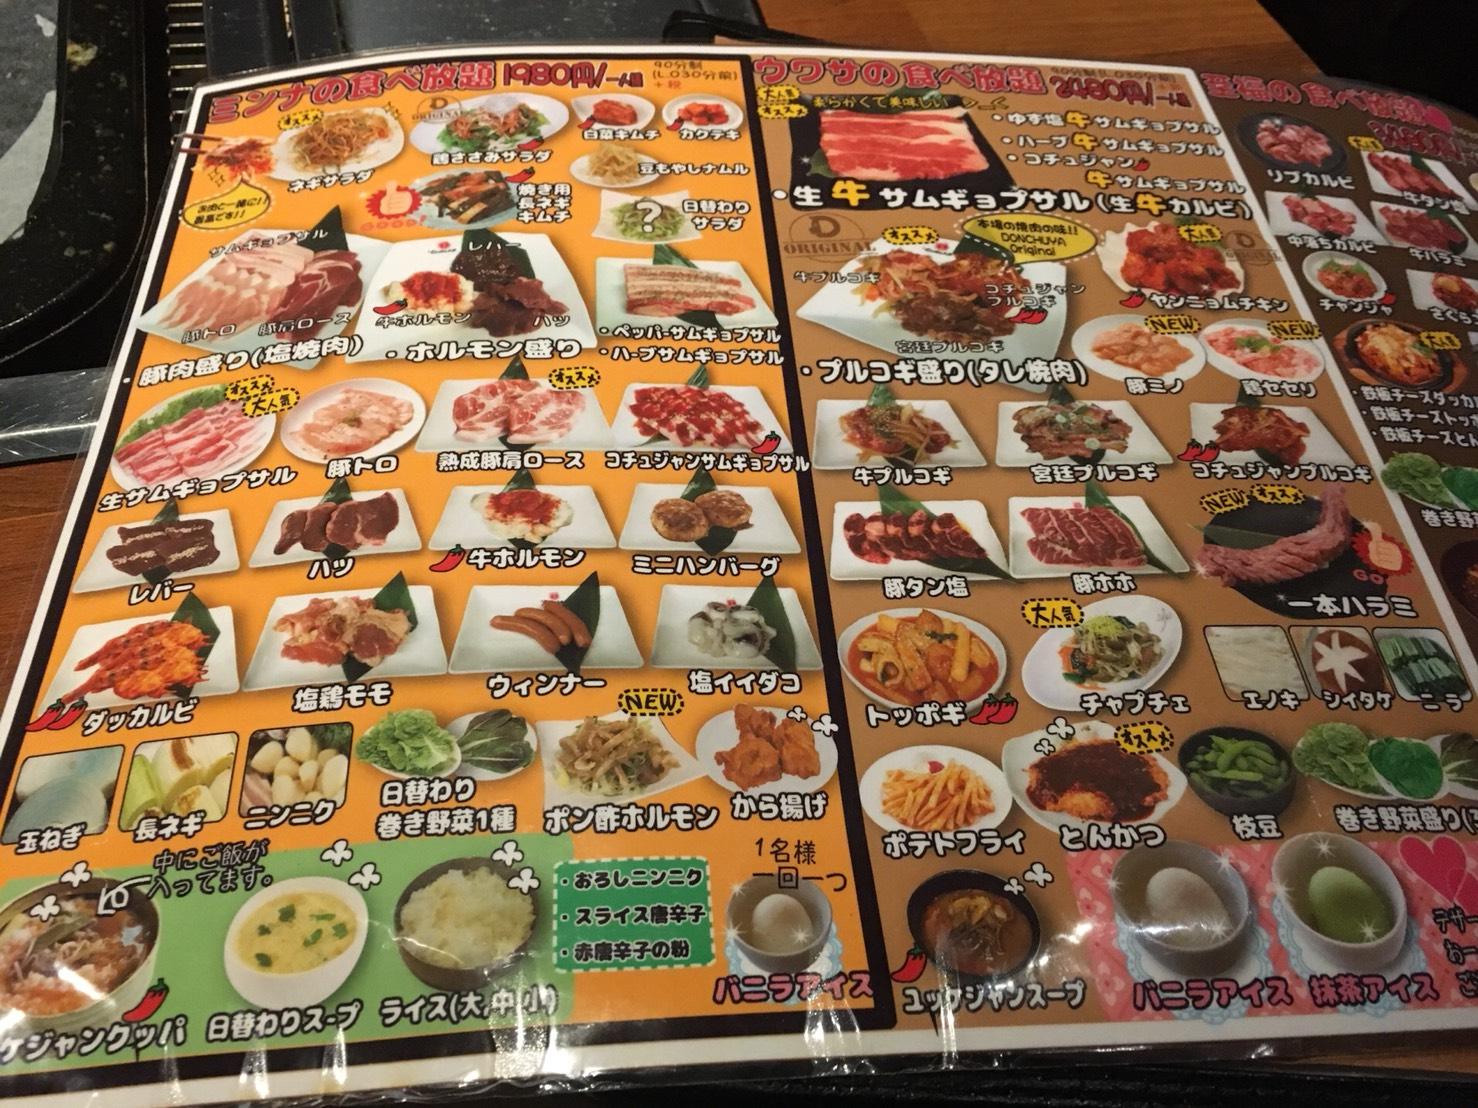 【池袋駅】学生人気高め!韓国料理1,980円食べ放題の激安!「トンチュヤ 池袋東口店」のメニュー